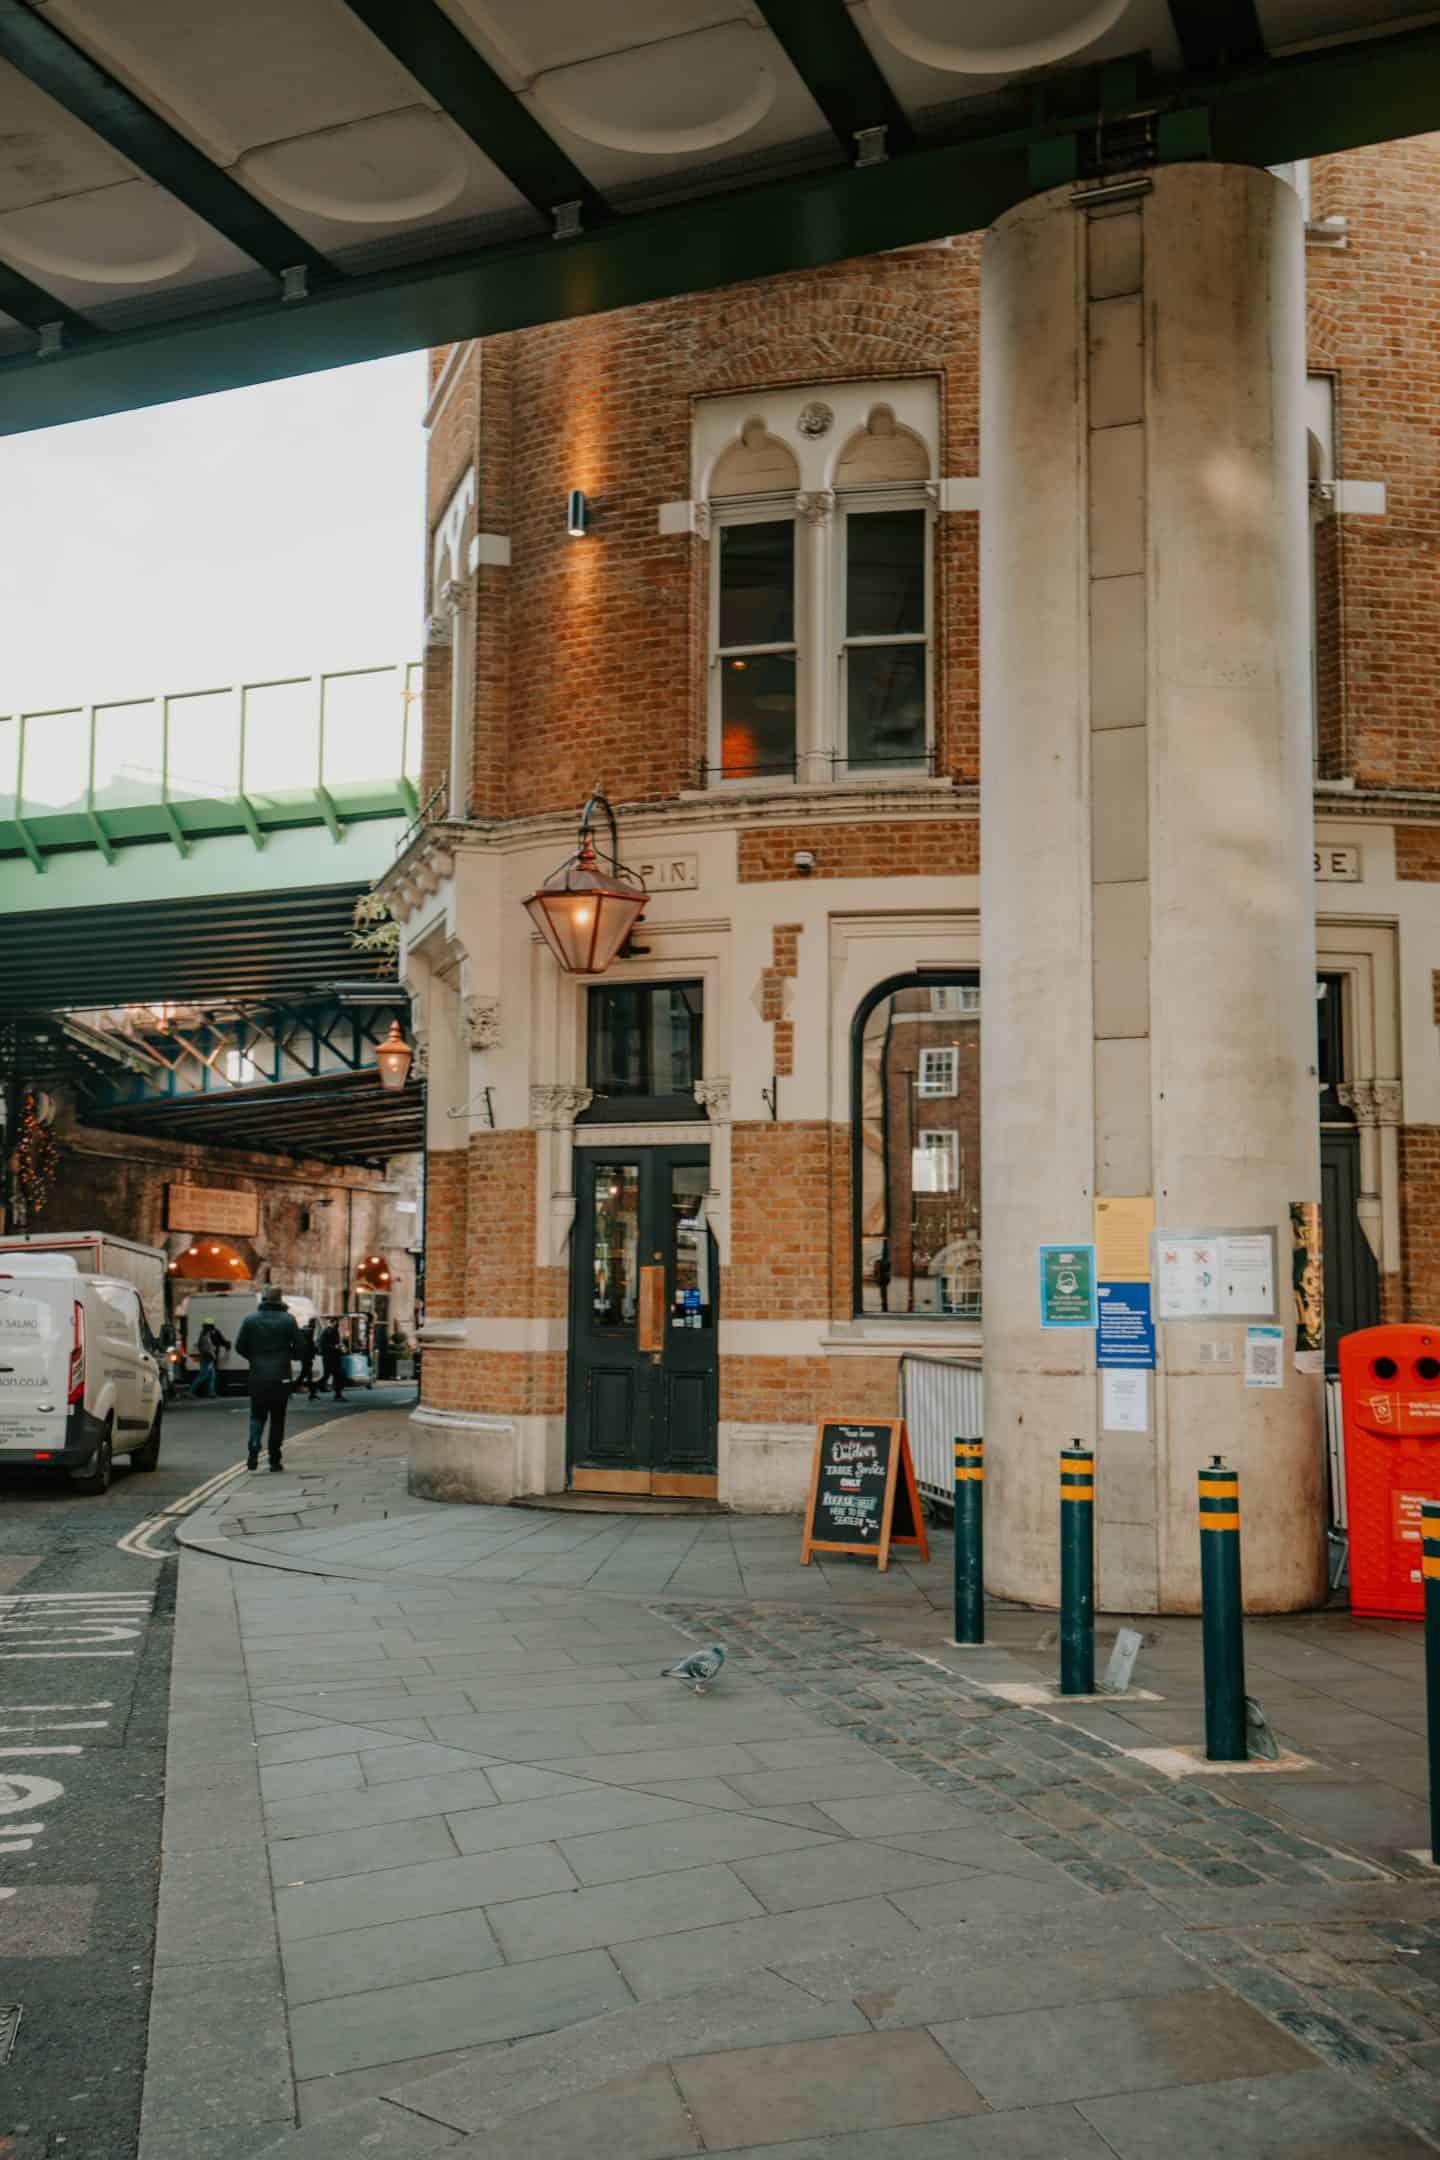 bridget-jones-flat-bedale-street